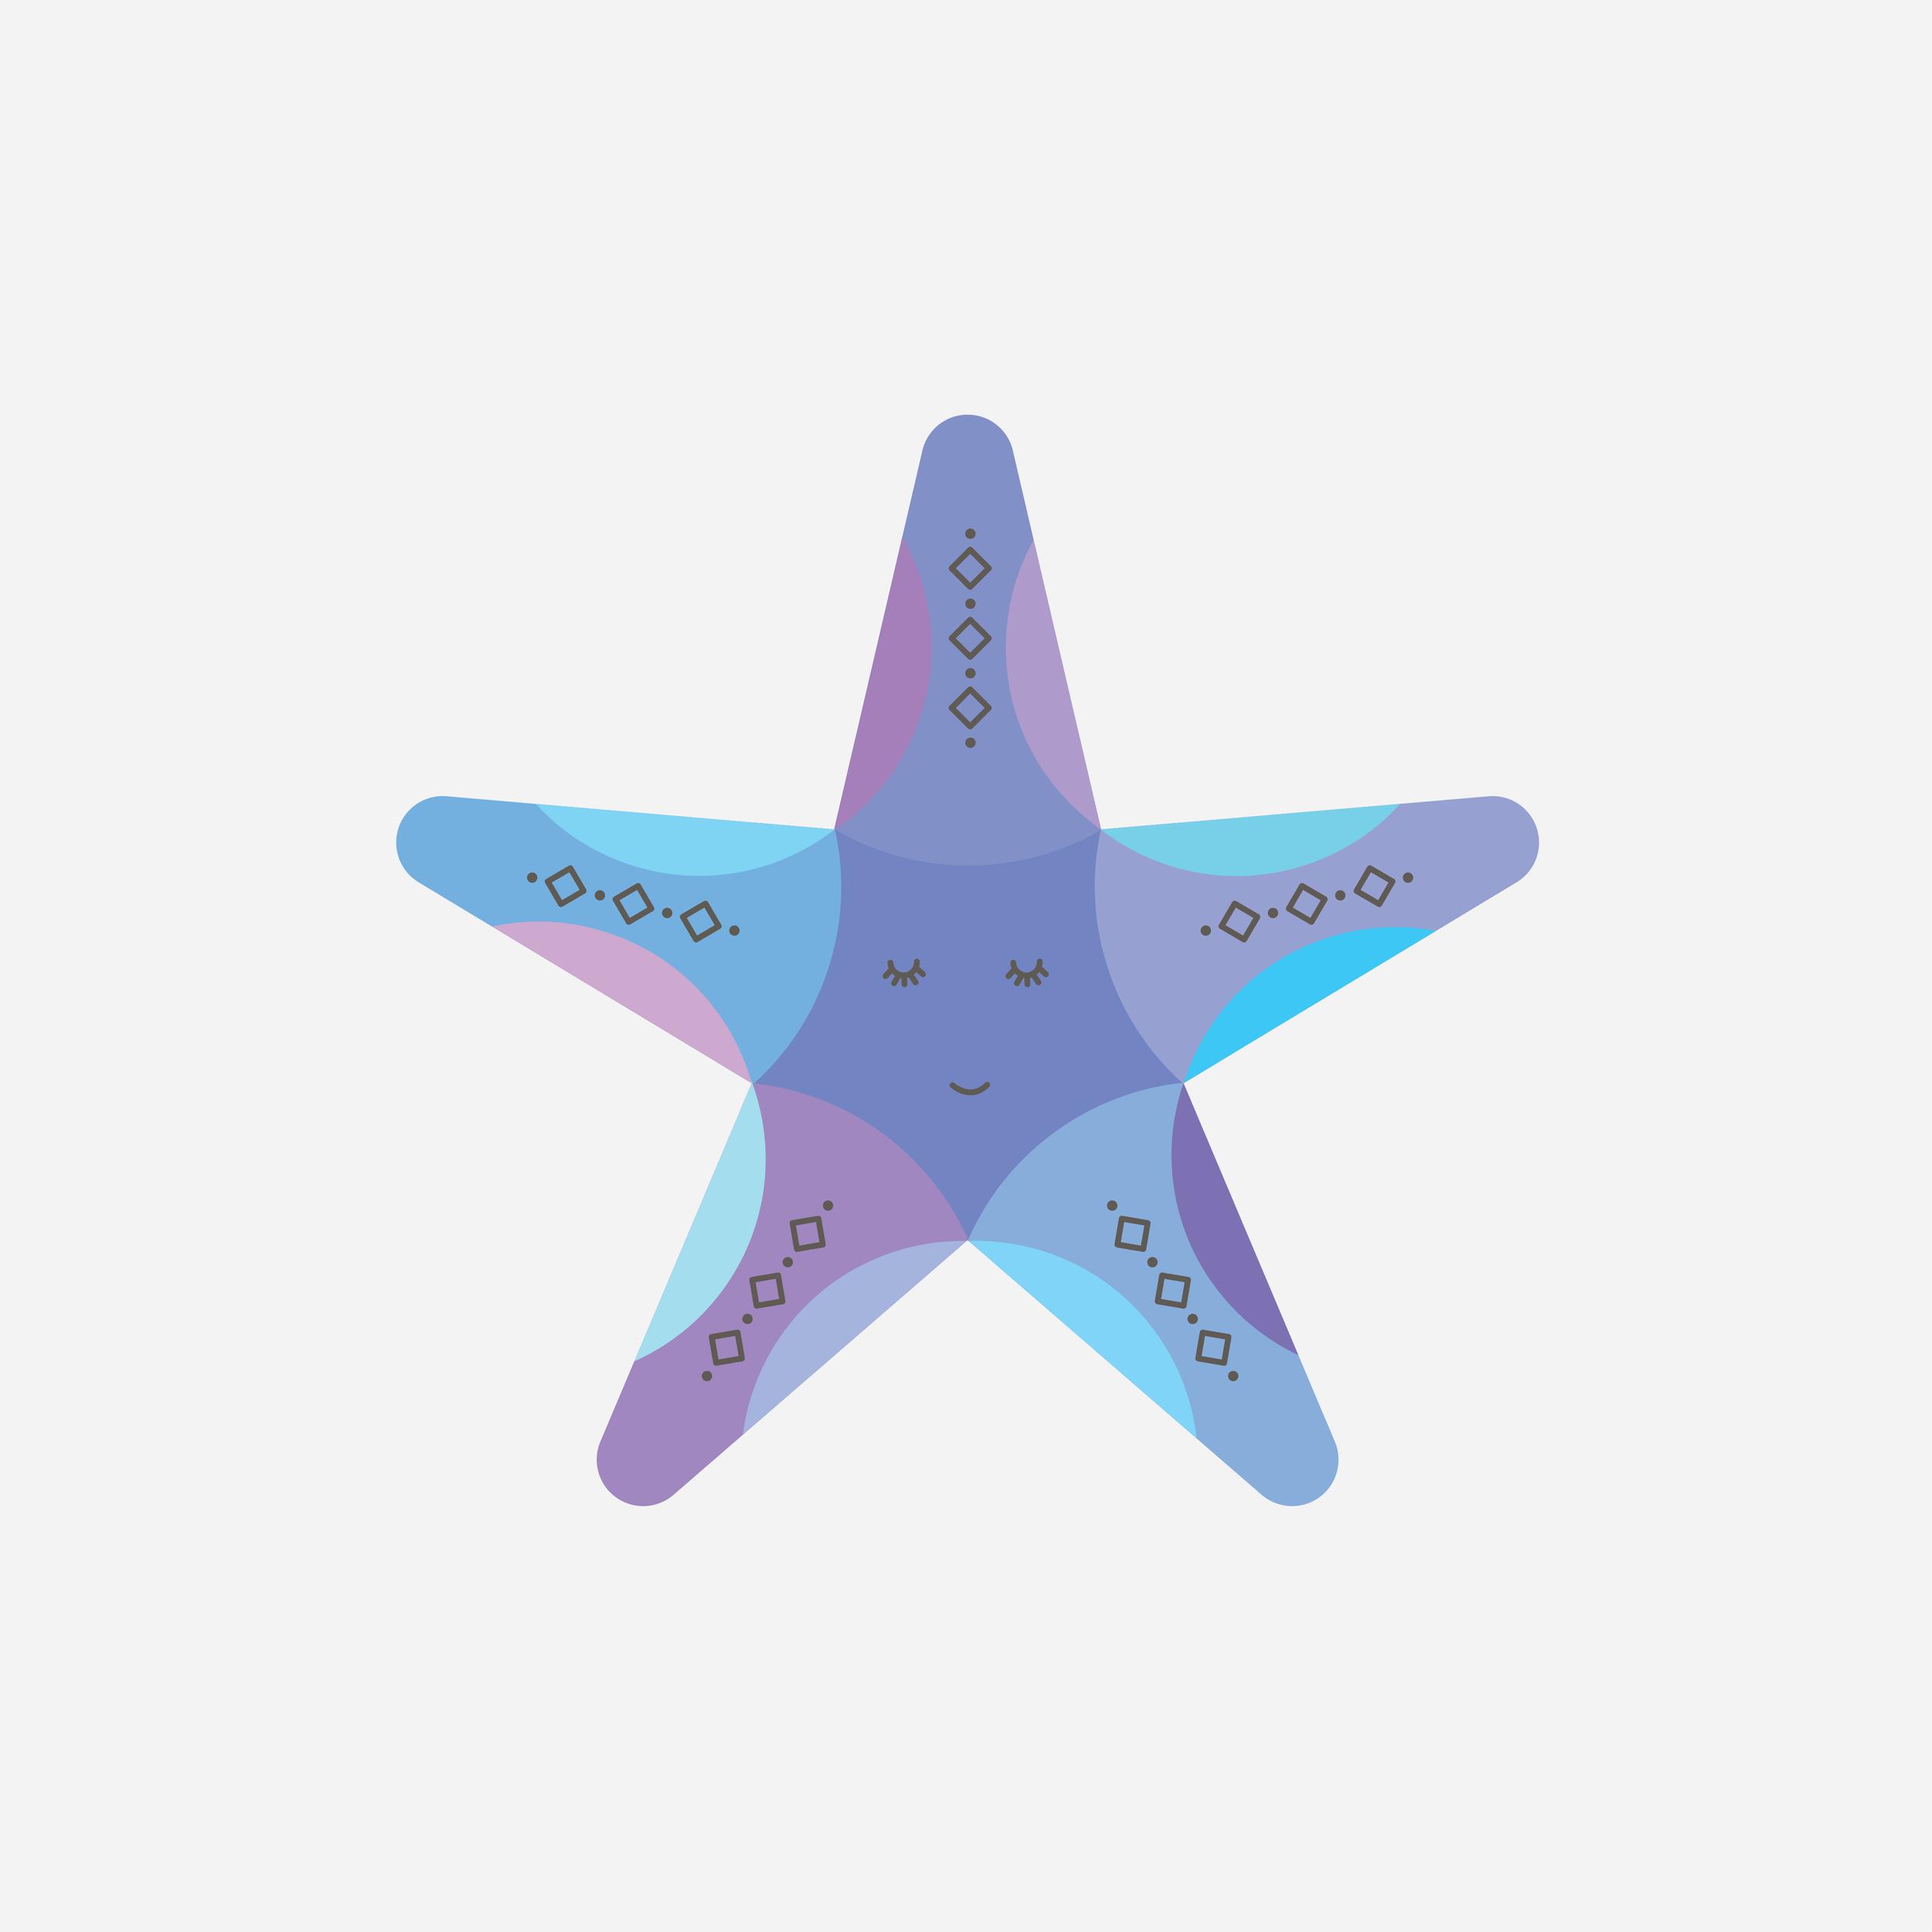 starfish-63-63.png